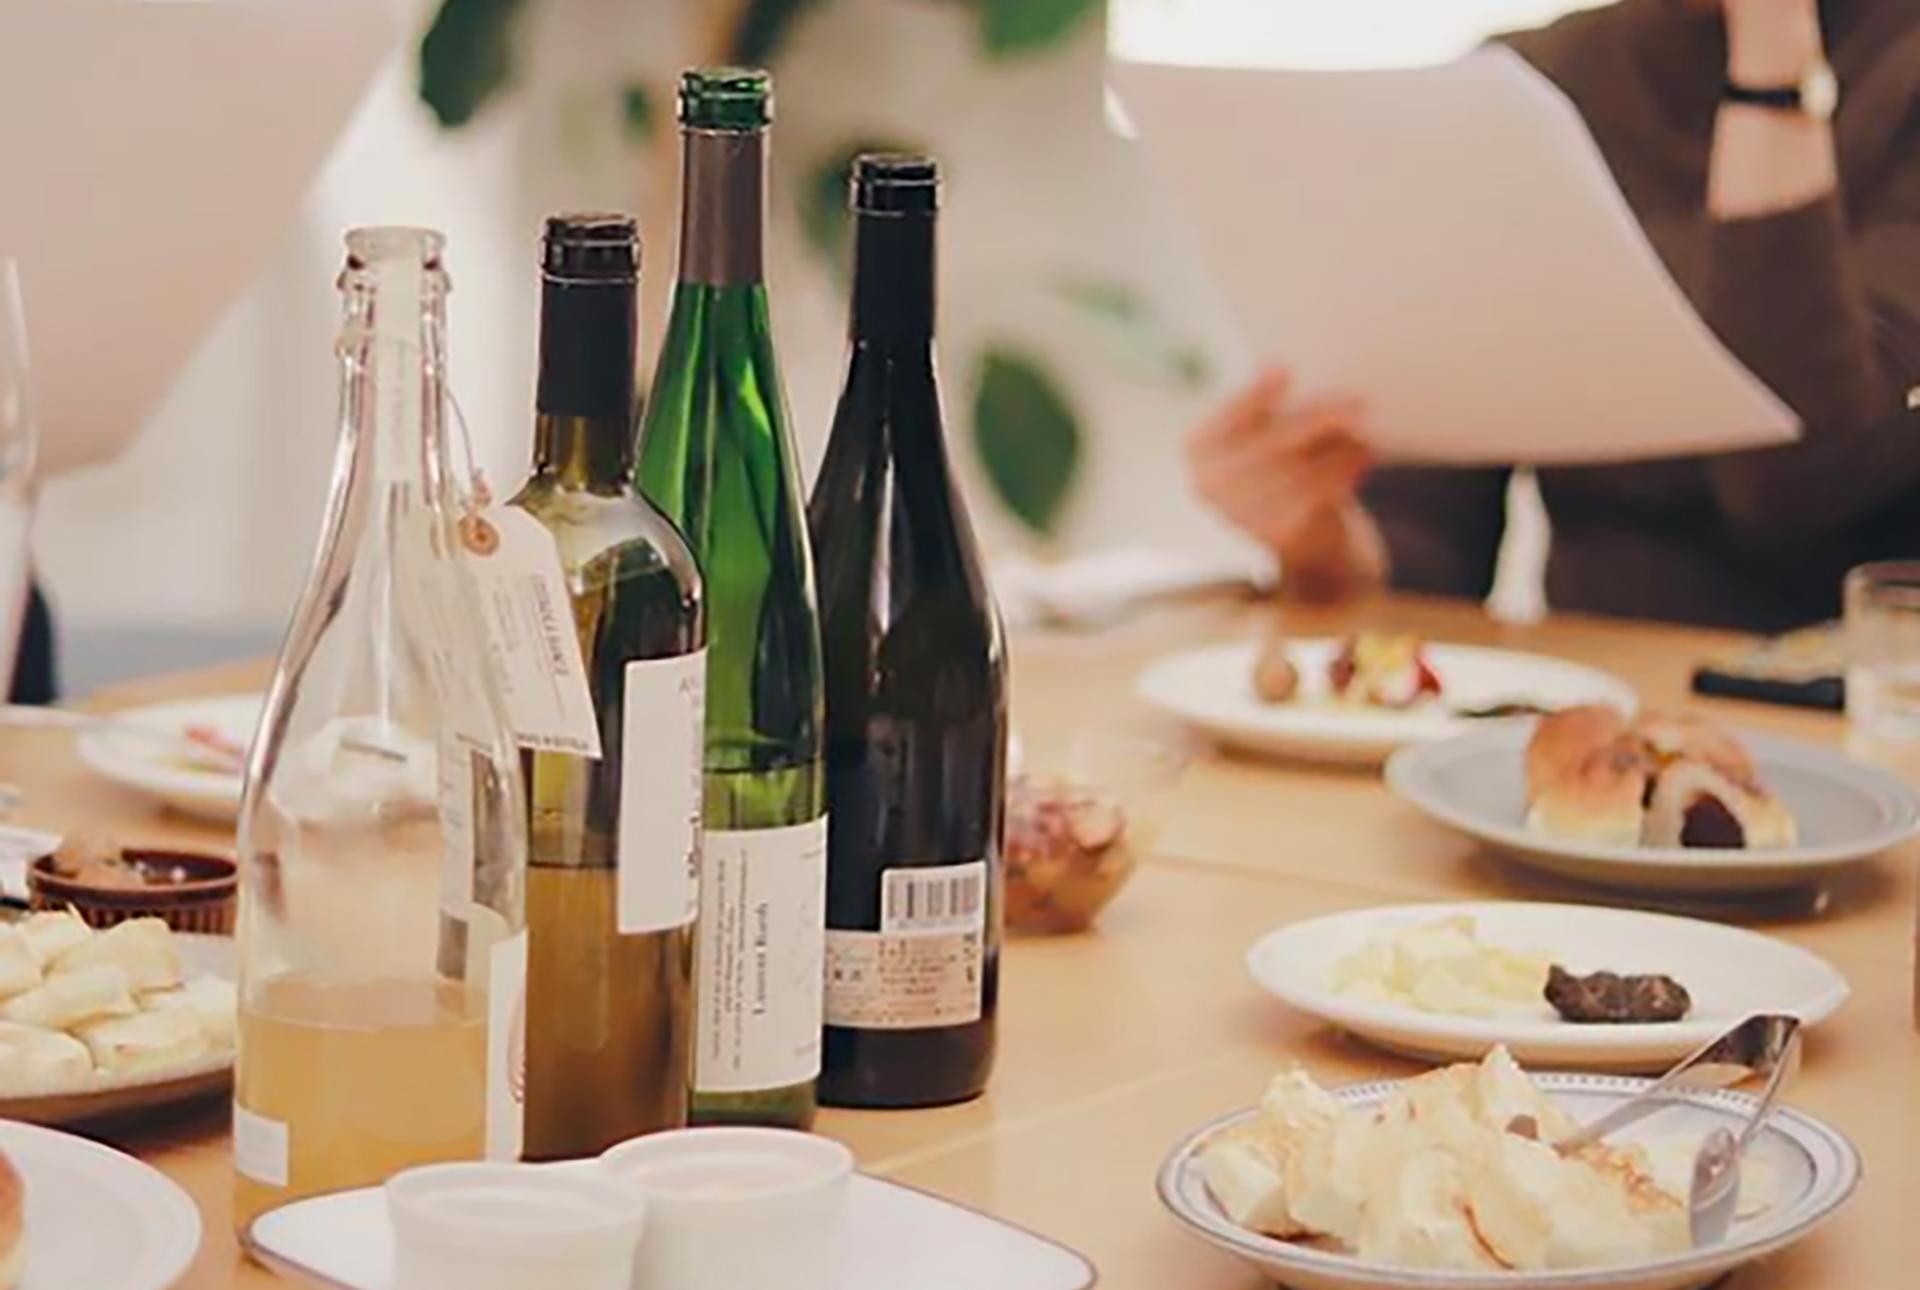 【2月28・29日】自然派ワイン12種類をテイスティングできるイベントを開催!